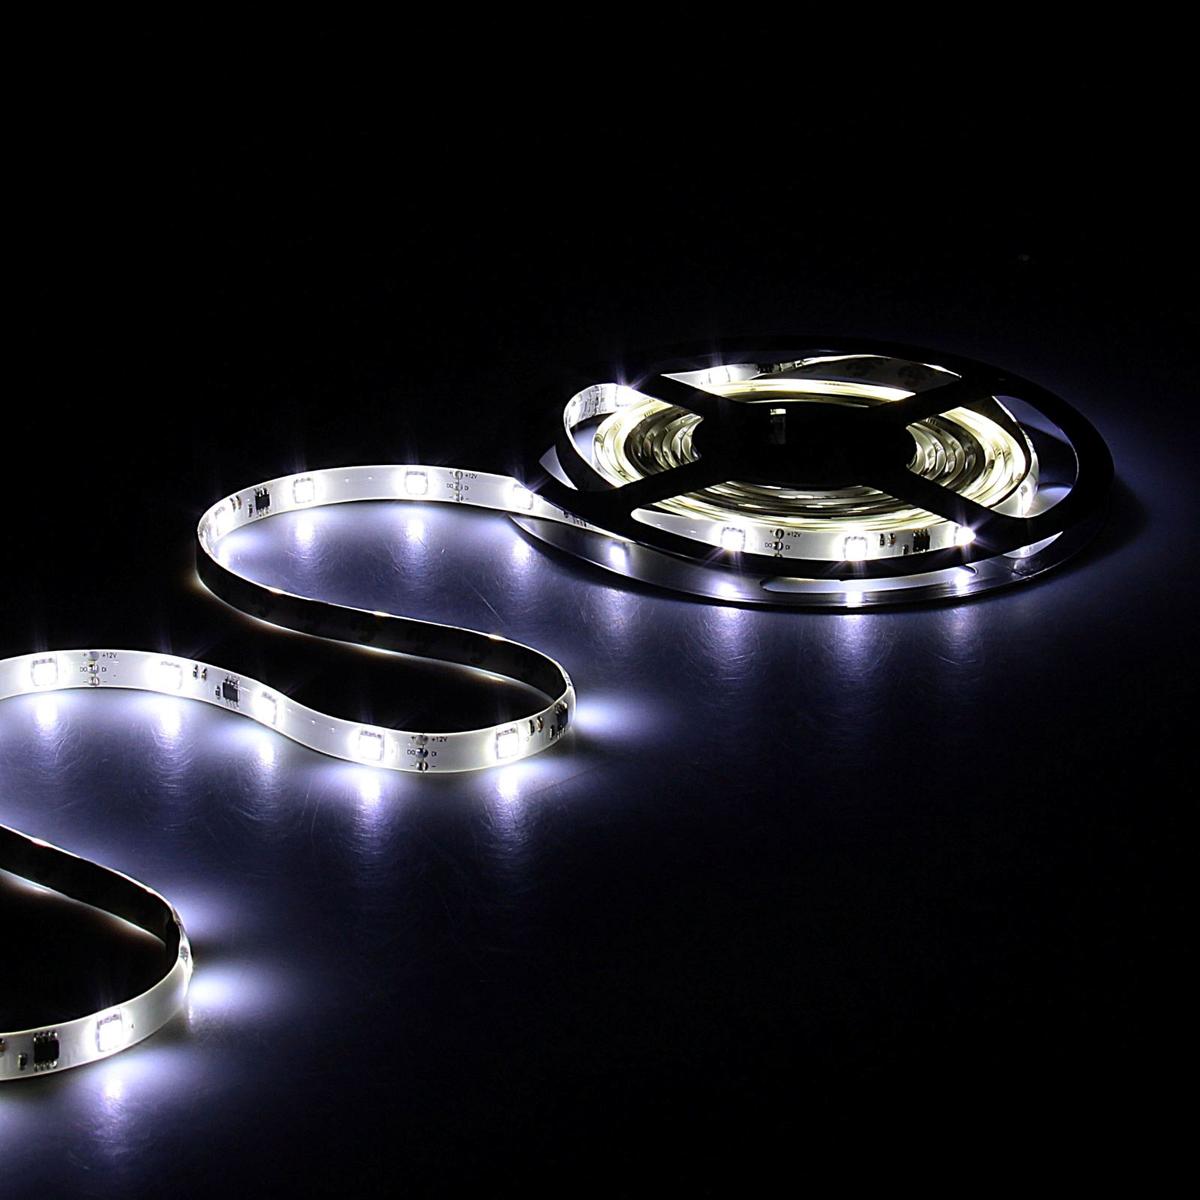 Светодиодная лента Sima-land, 12В, SMD5050, длина 5 м, IP65, 30 LED ламп, 7.2 Вт/м, 10-12 Лм/1 LED, DC, цвет: белый848577Светодиодные гирлянды, ленты и т.д — это отличный вариант для новогоднего оформления интерьера или фасада. С их помощью помещение любого размера можно превратить в праздничный зал, а внешние элементы зданий, украшенные ими, мгновенно станут напоминать очертания сказочного дворца. Такие украшения создают ауру предвкушения чуда. Деревья, фасады, витрины, окна и арки будто специально созданы, чтобы вы украсили их светящимися нитями.